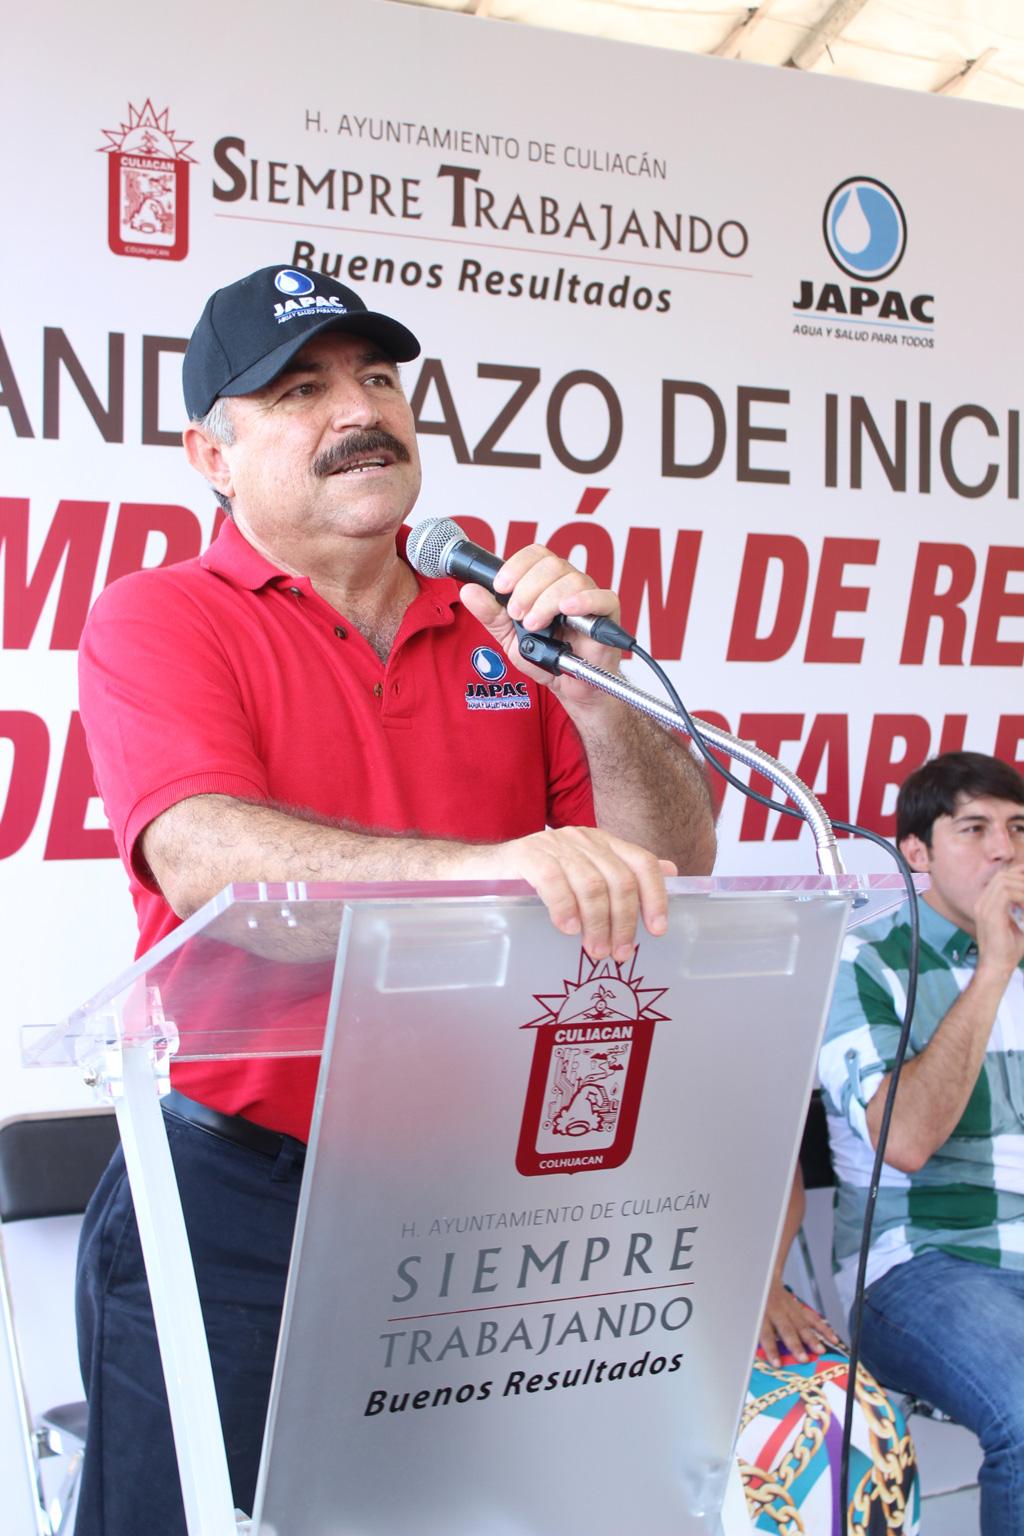 Noticias_2015_El_gobierno_municipal_lleva_agua_y_alcantarillado_a_95_familias_de_la_sindicatura_de_Costa_Rica_03